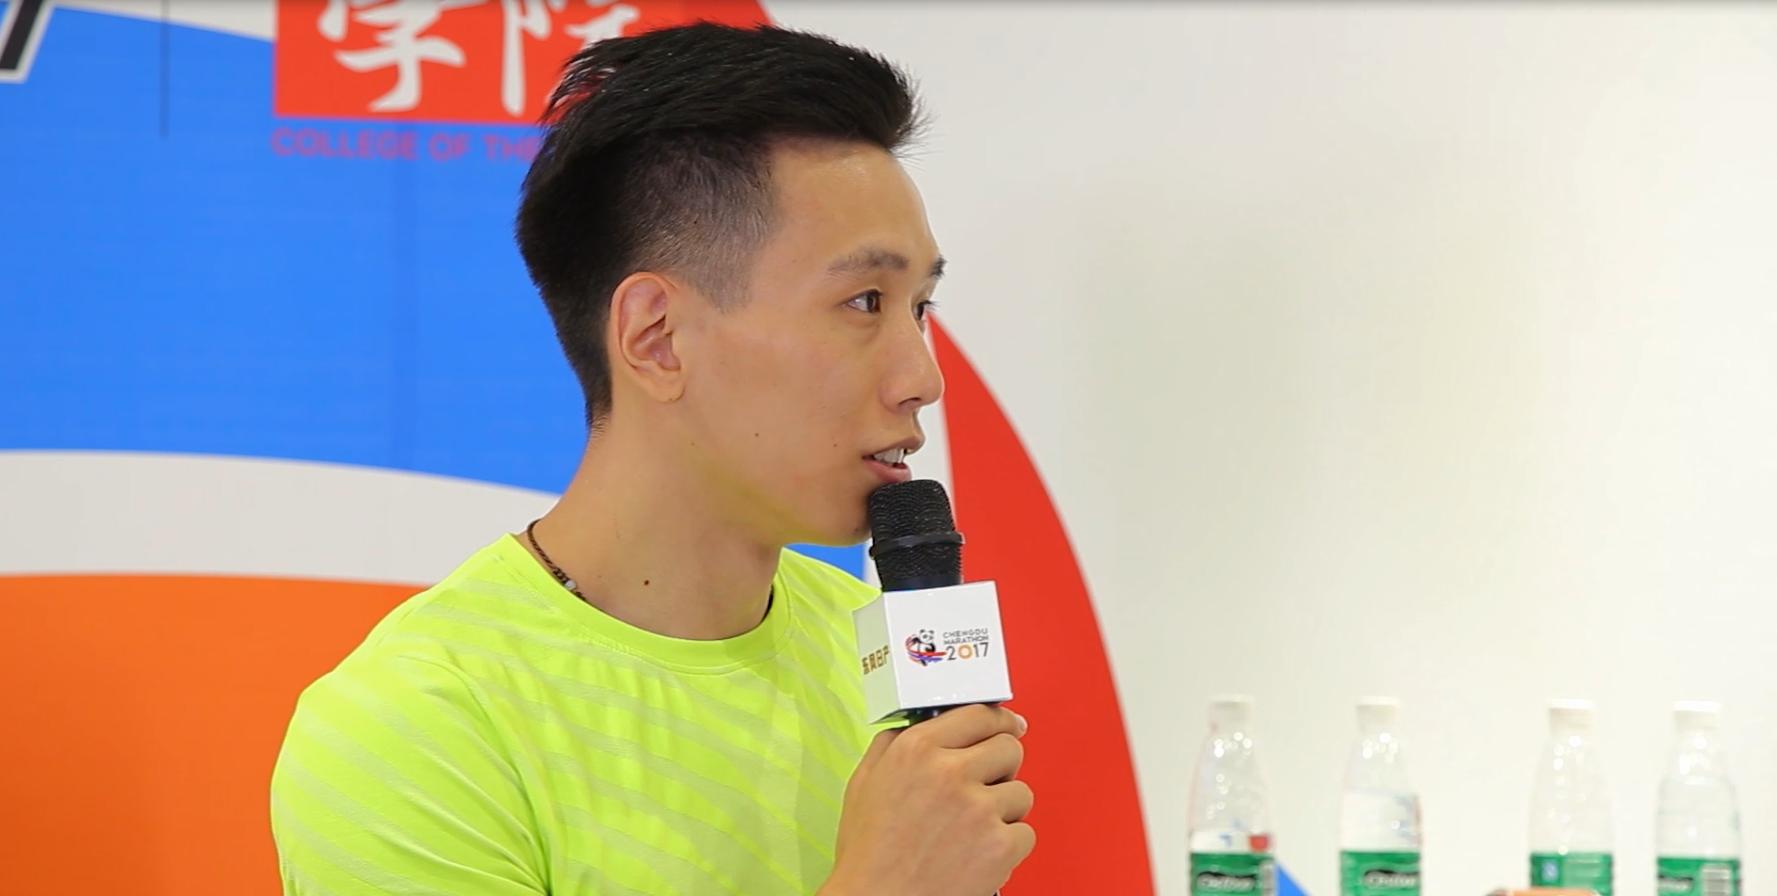 成马大师学院第四期:专业跑者告诉你这么吃才跑得快